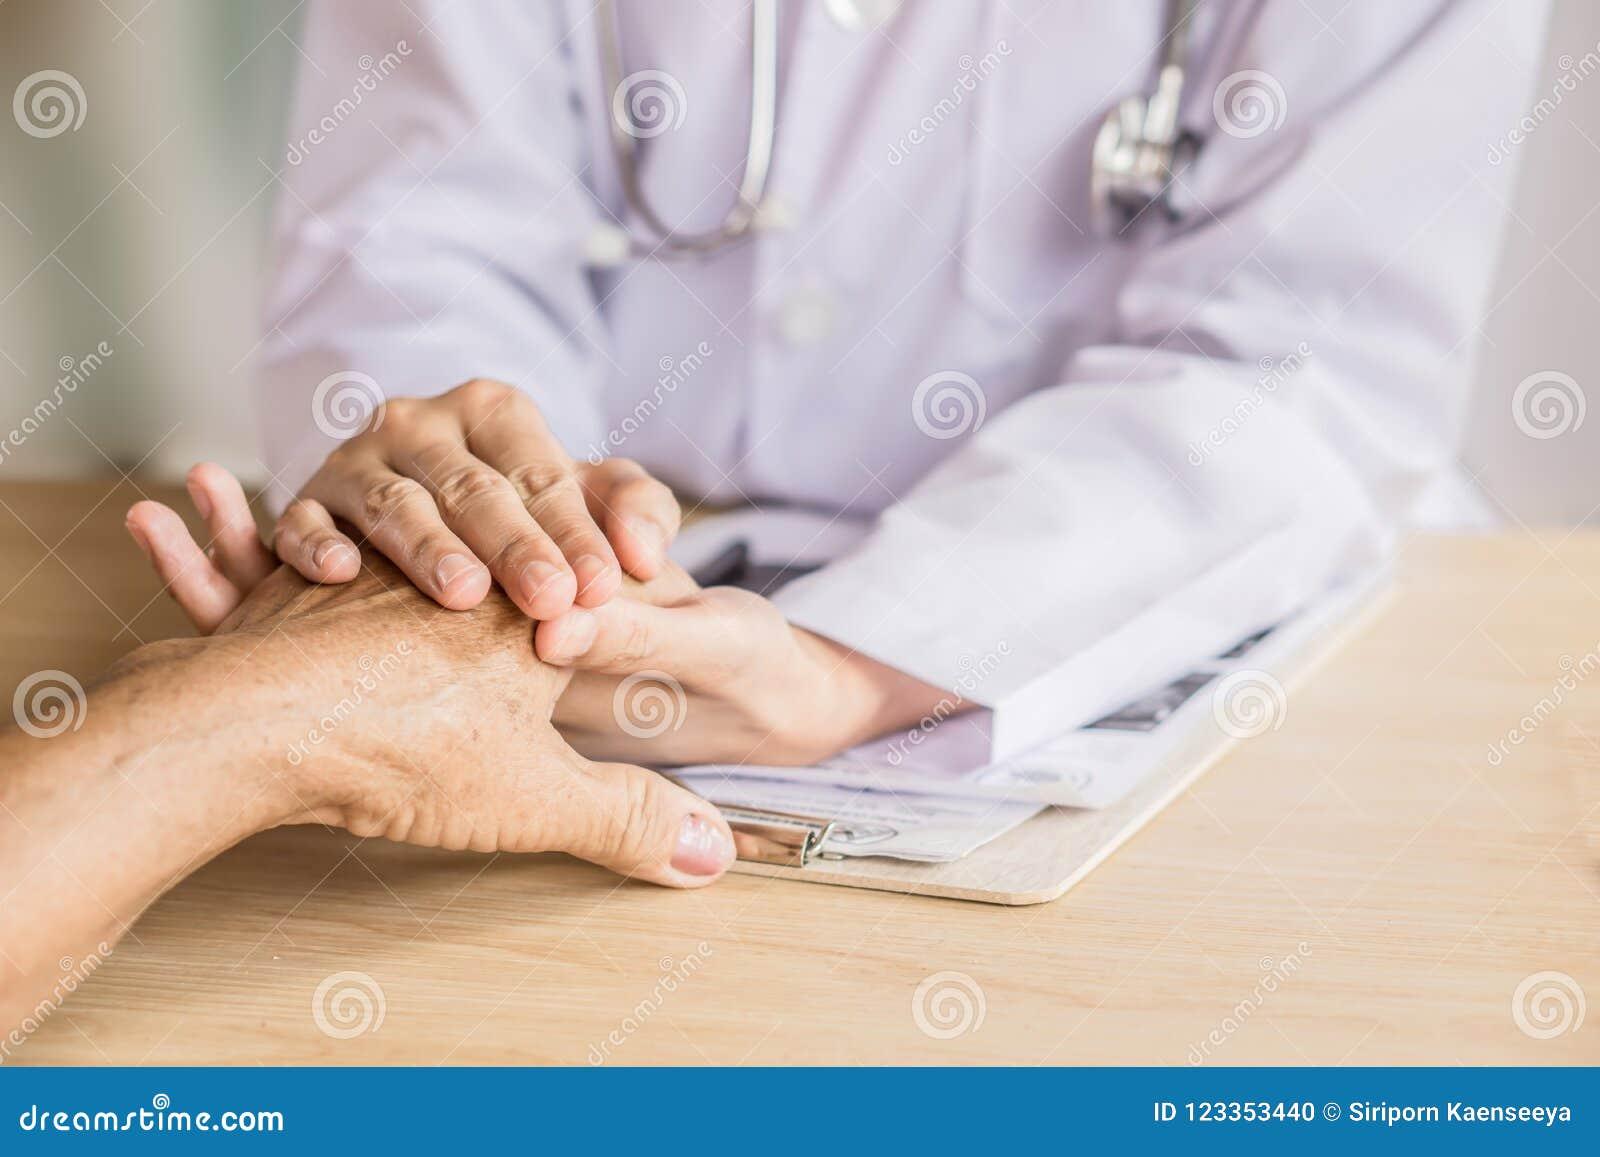 Doktorska mienie ręka i pocieszać starego pacjenta w szpitalu